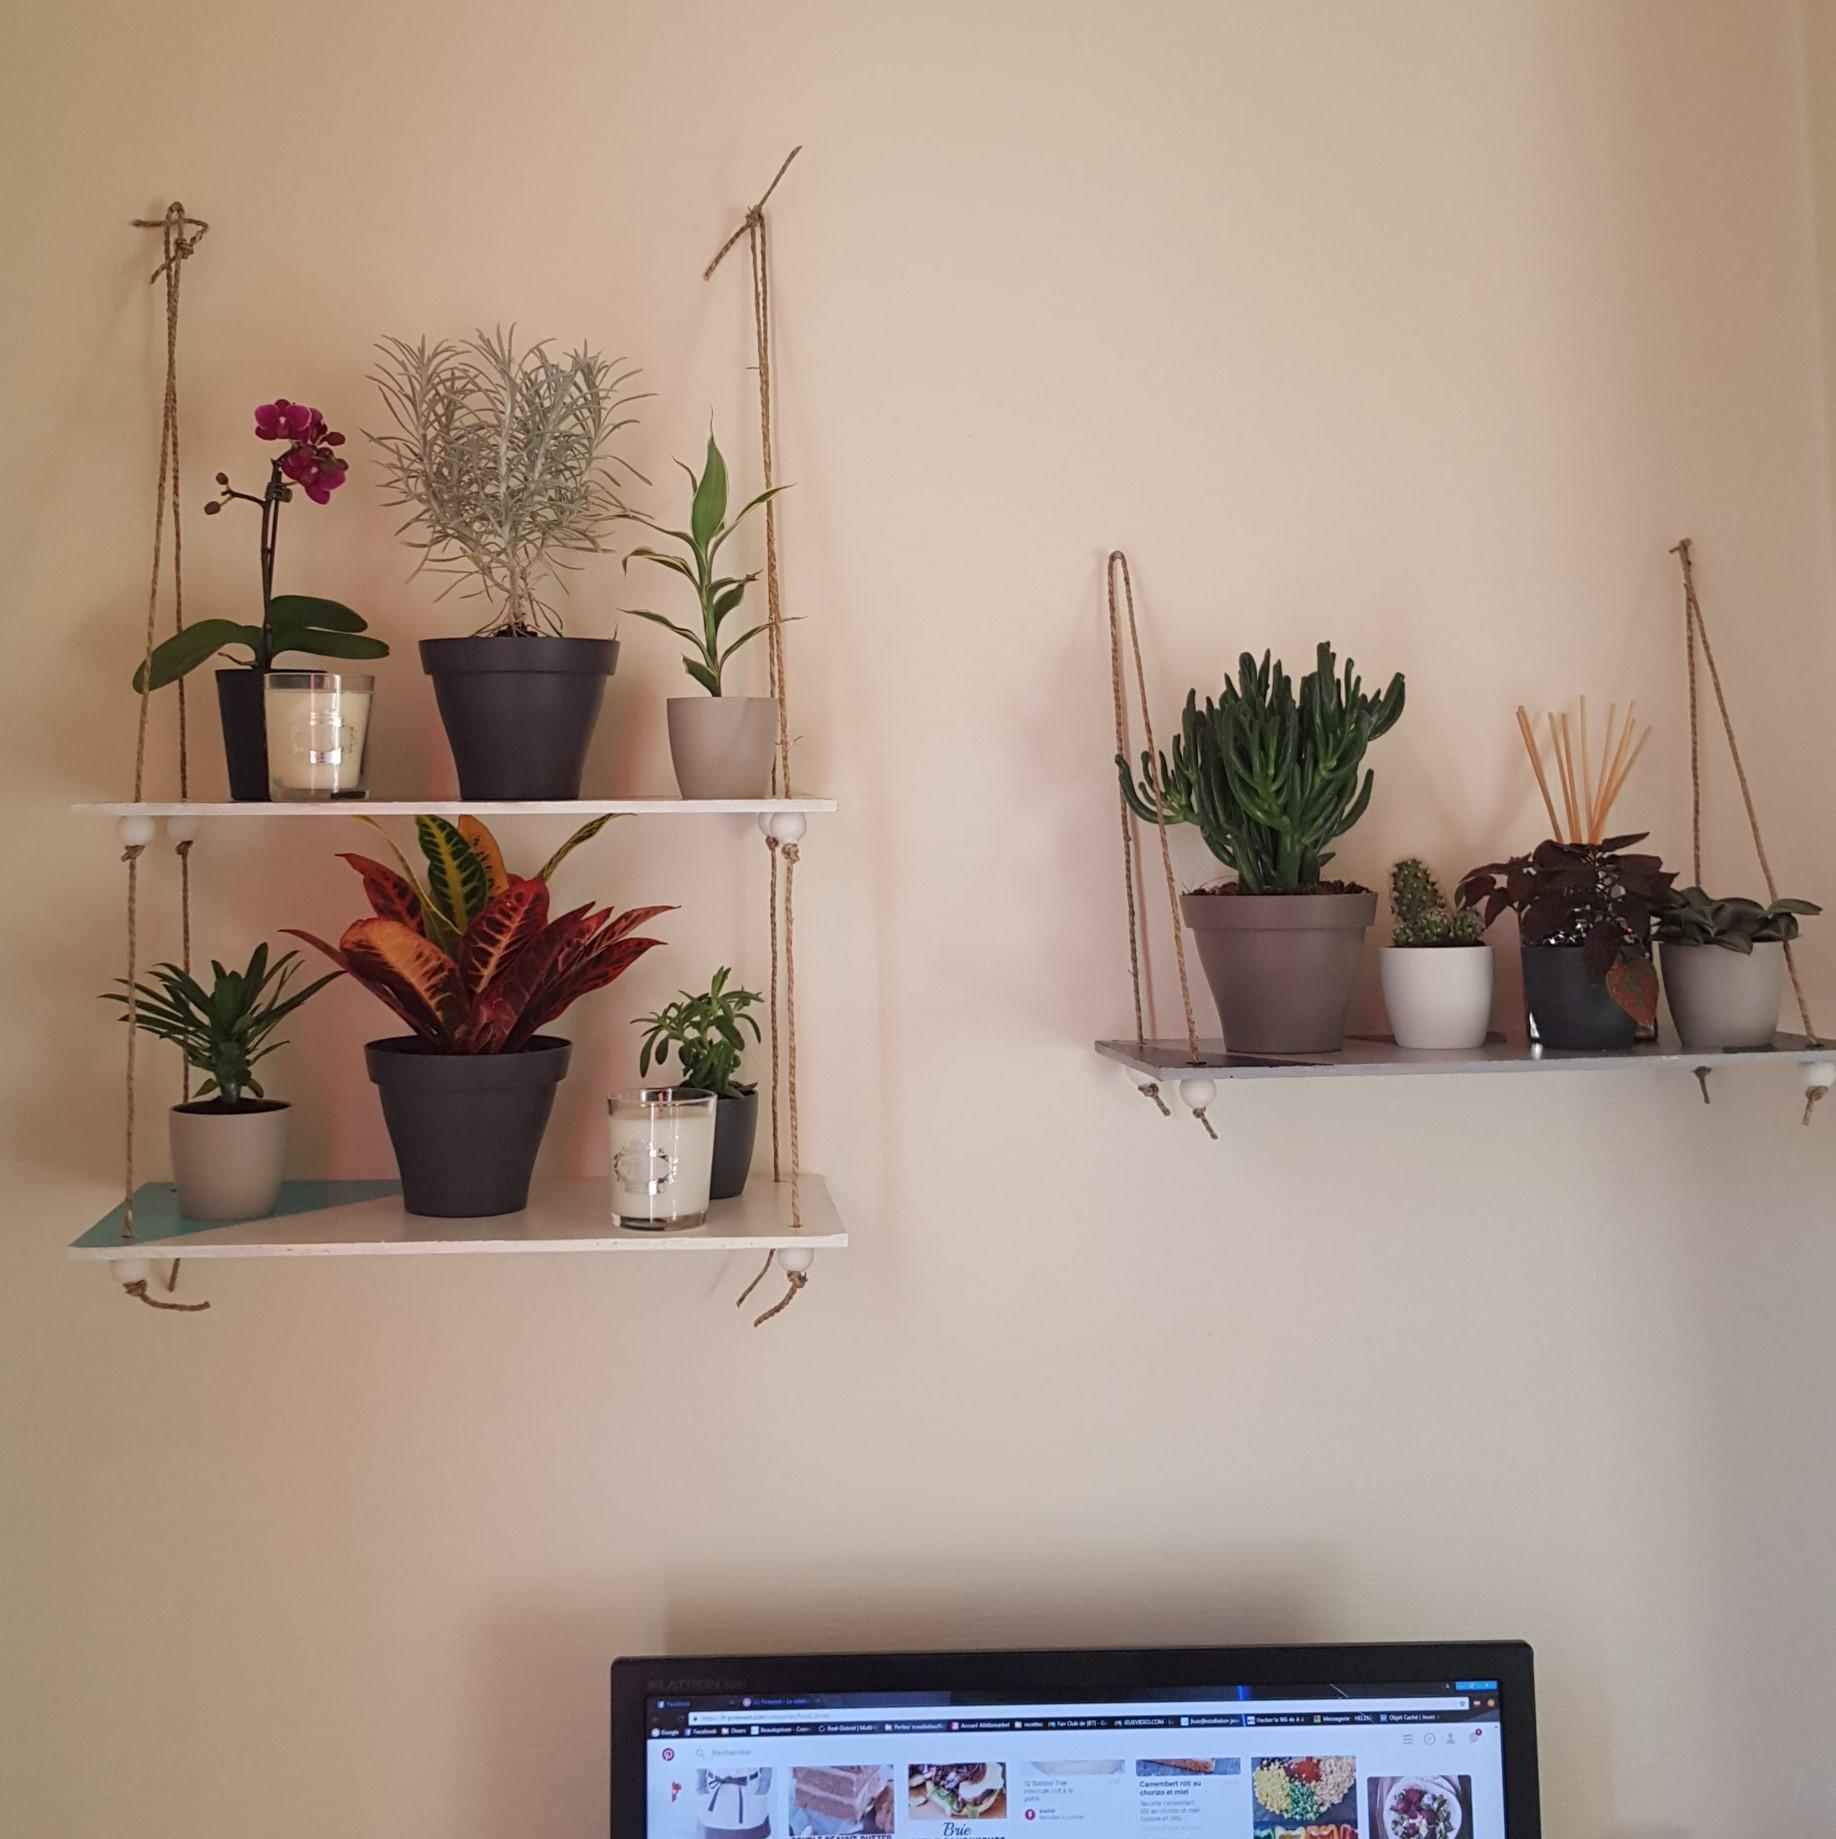 cr ez votre propre tag re suspendue blog z dio. Black Bedroom Furniture Sets. Home Design Ideas